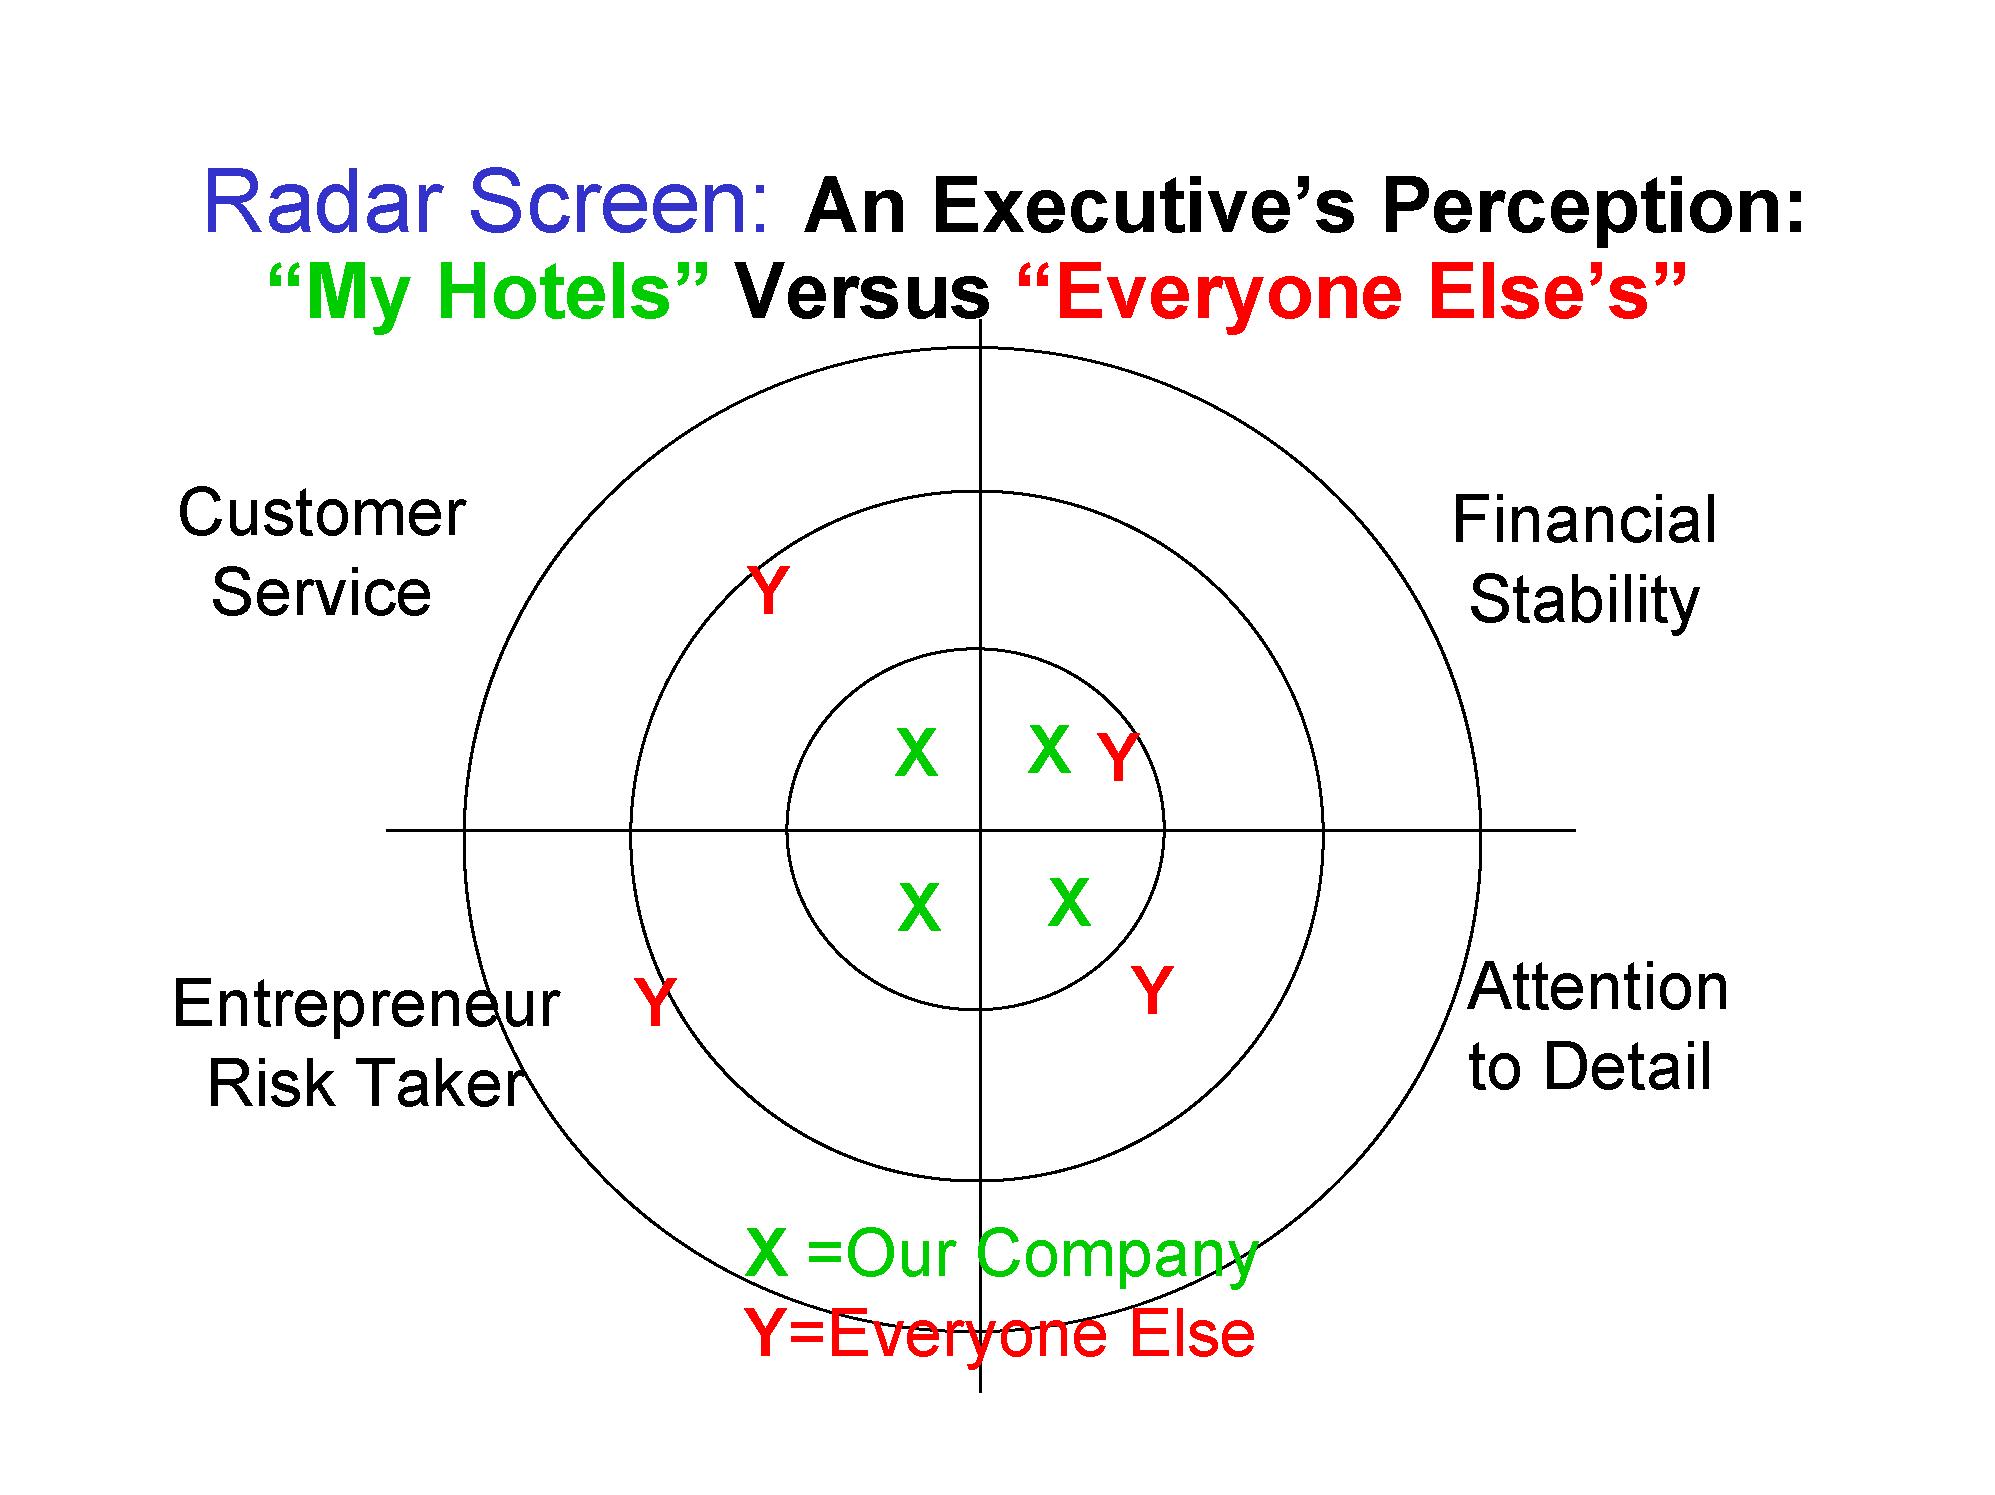 RadarScreenSLAPersonality